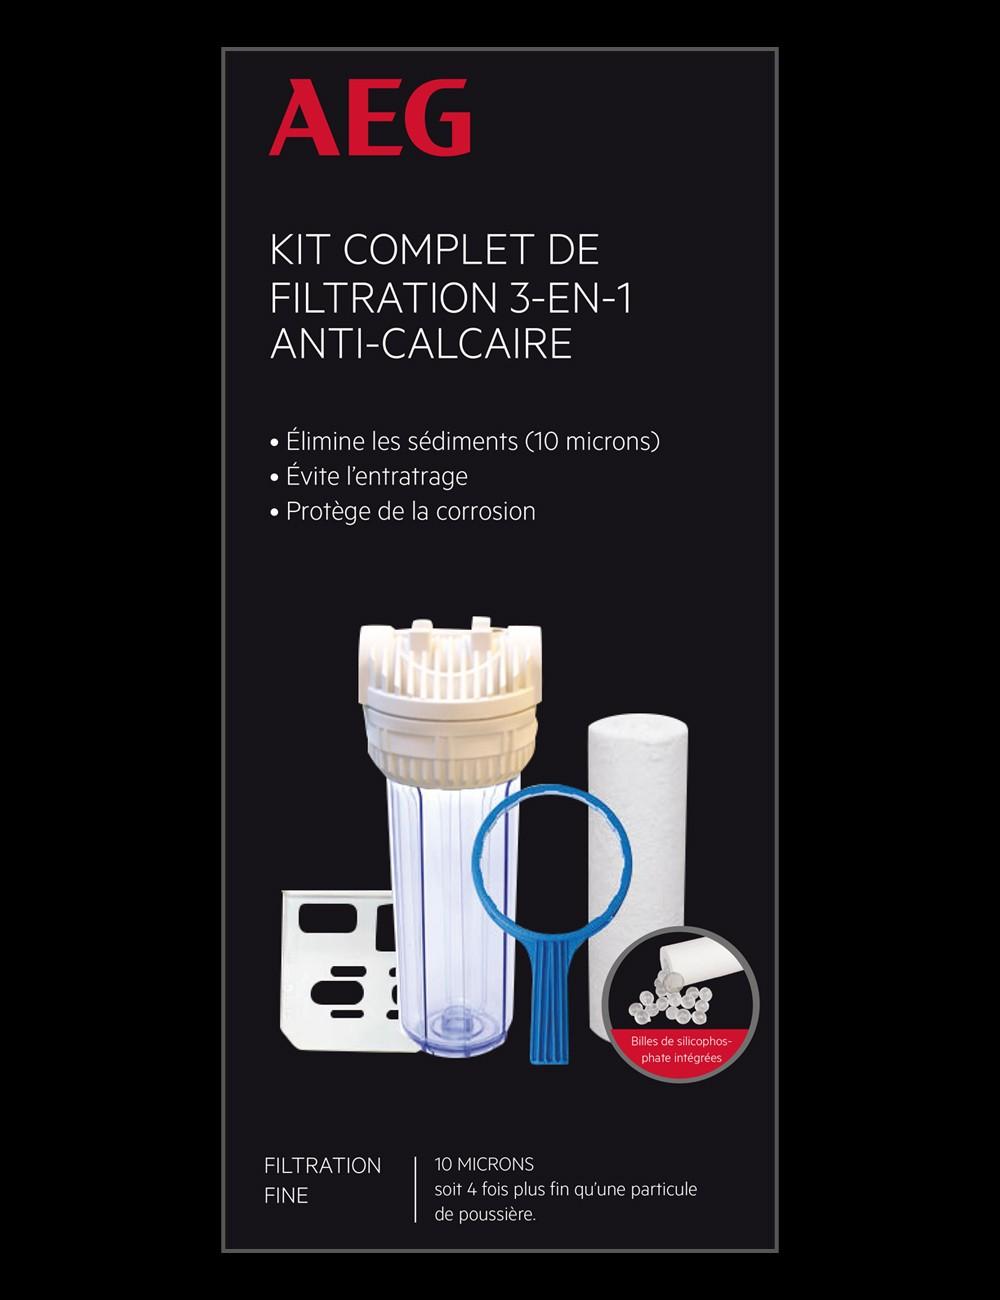 Kit de filtration complet anti-calcaire